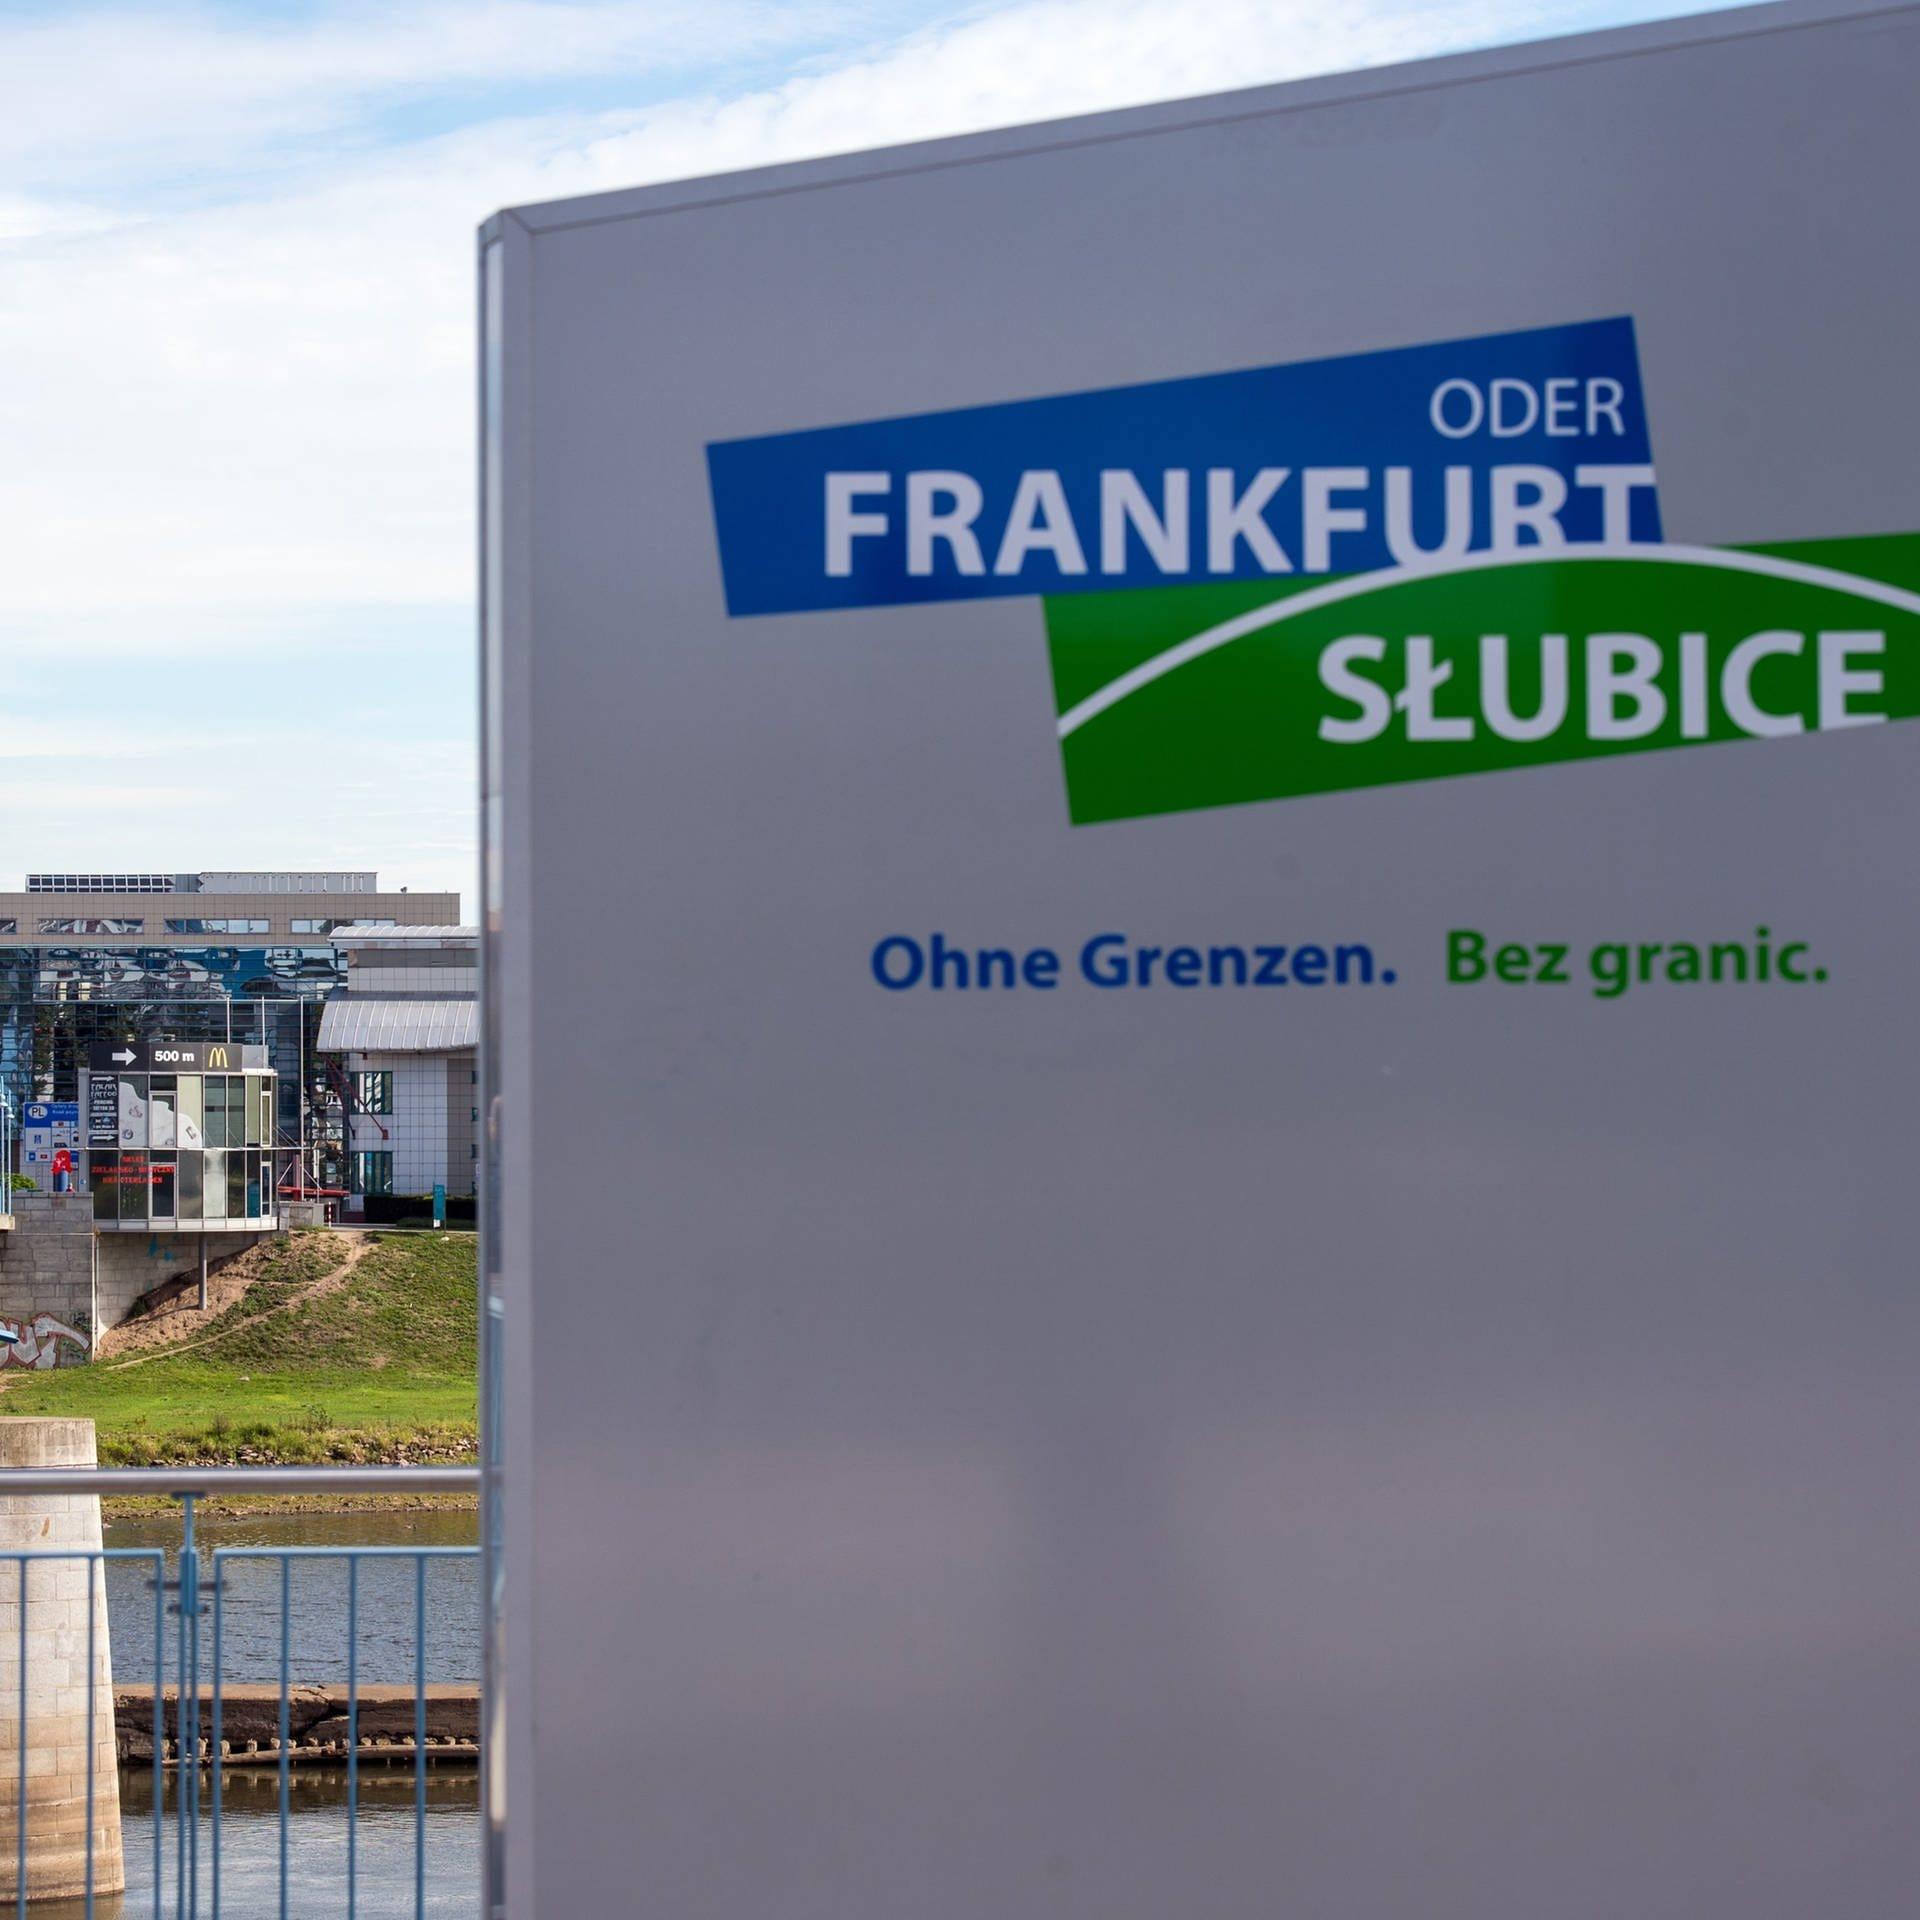 Die polnisch-deutsche Doppelstadt Frankfurt (Oder) und Slubice